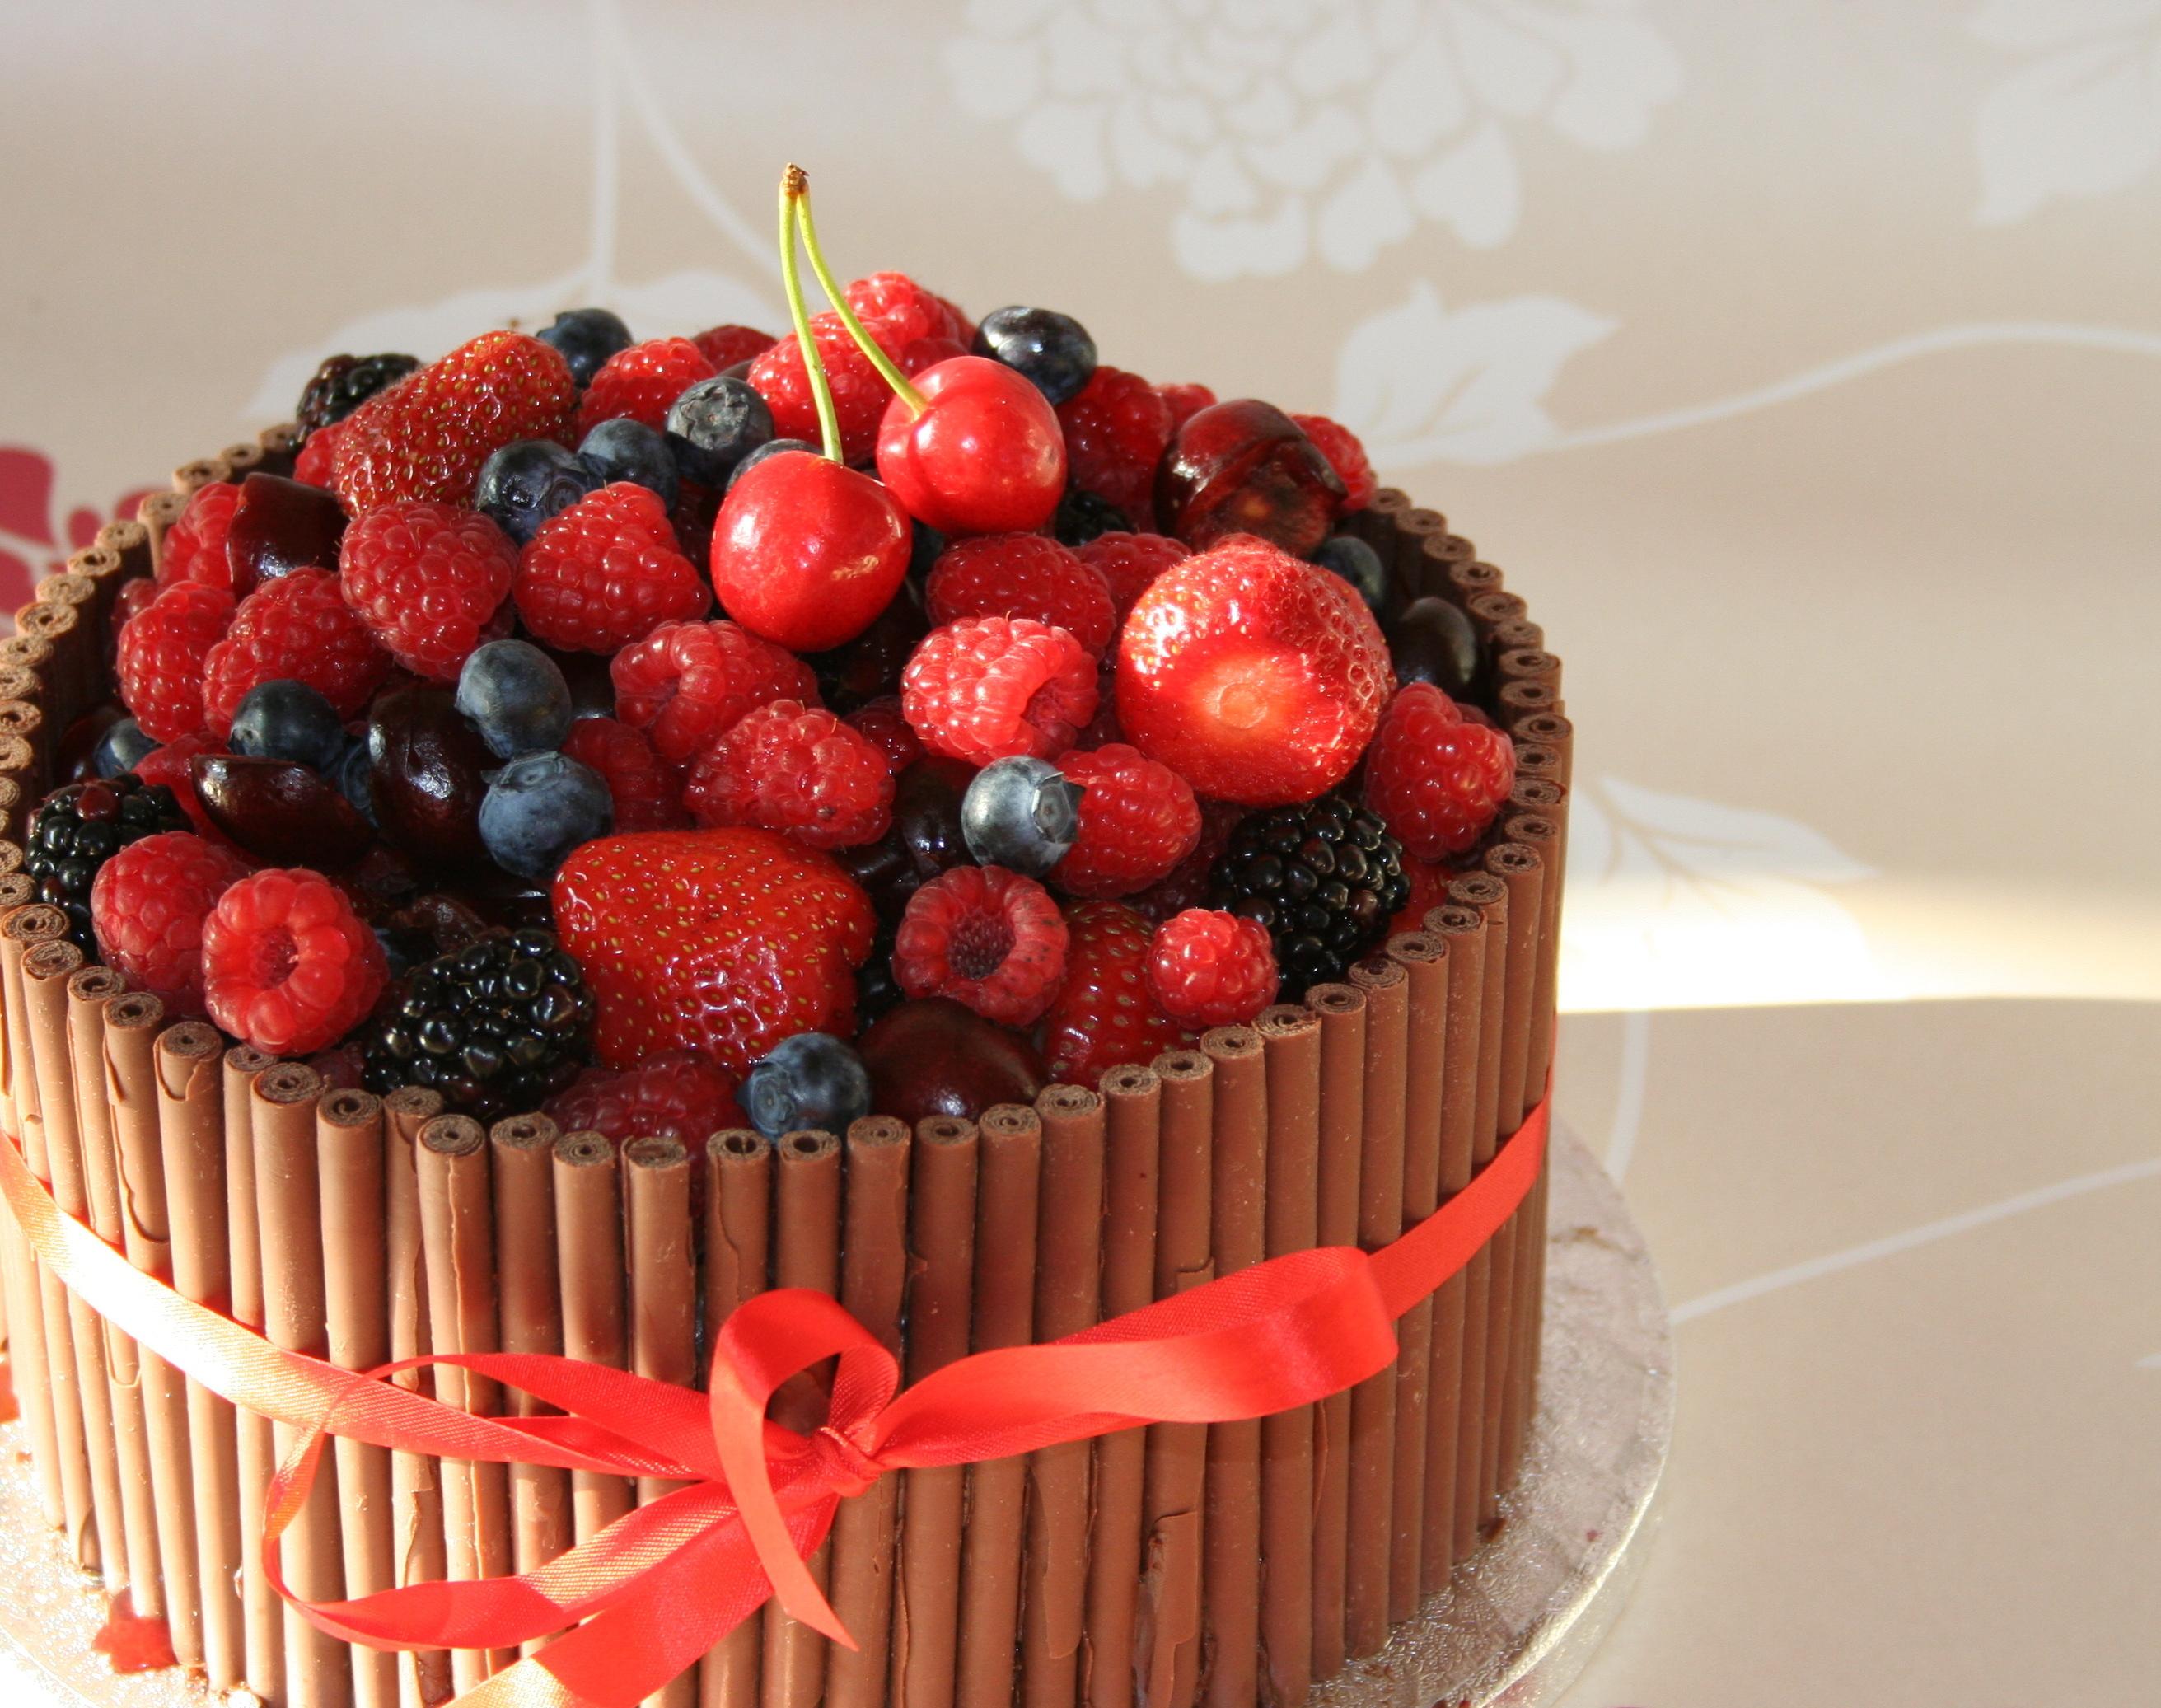 послеблокадном торт к дню рождения фото характер